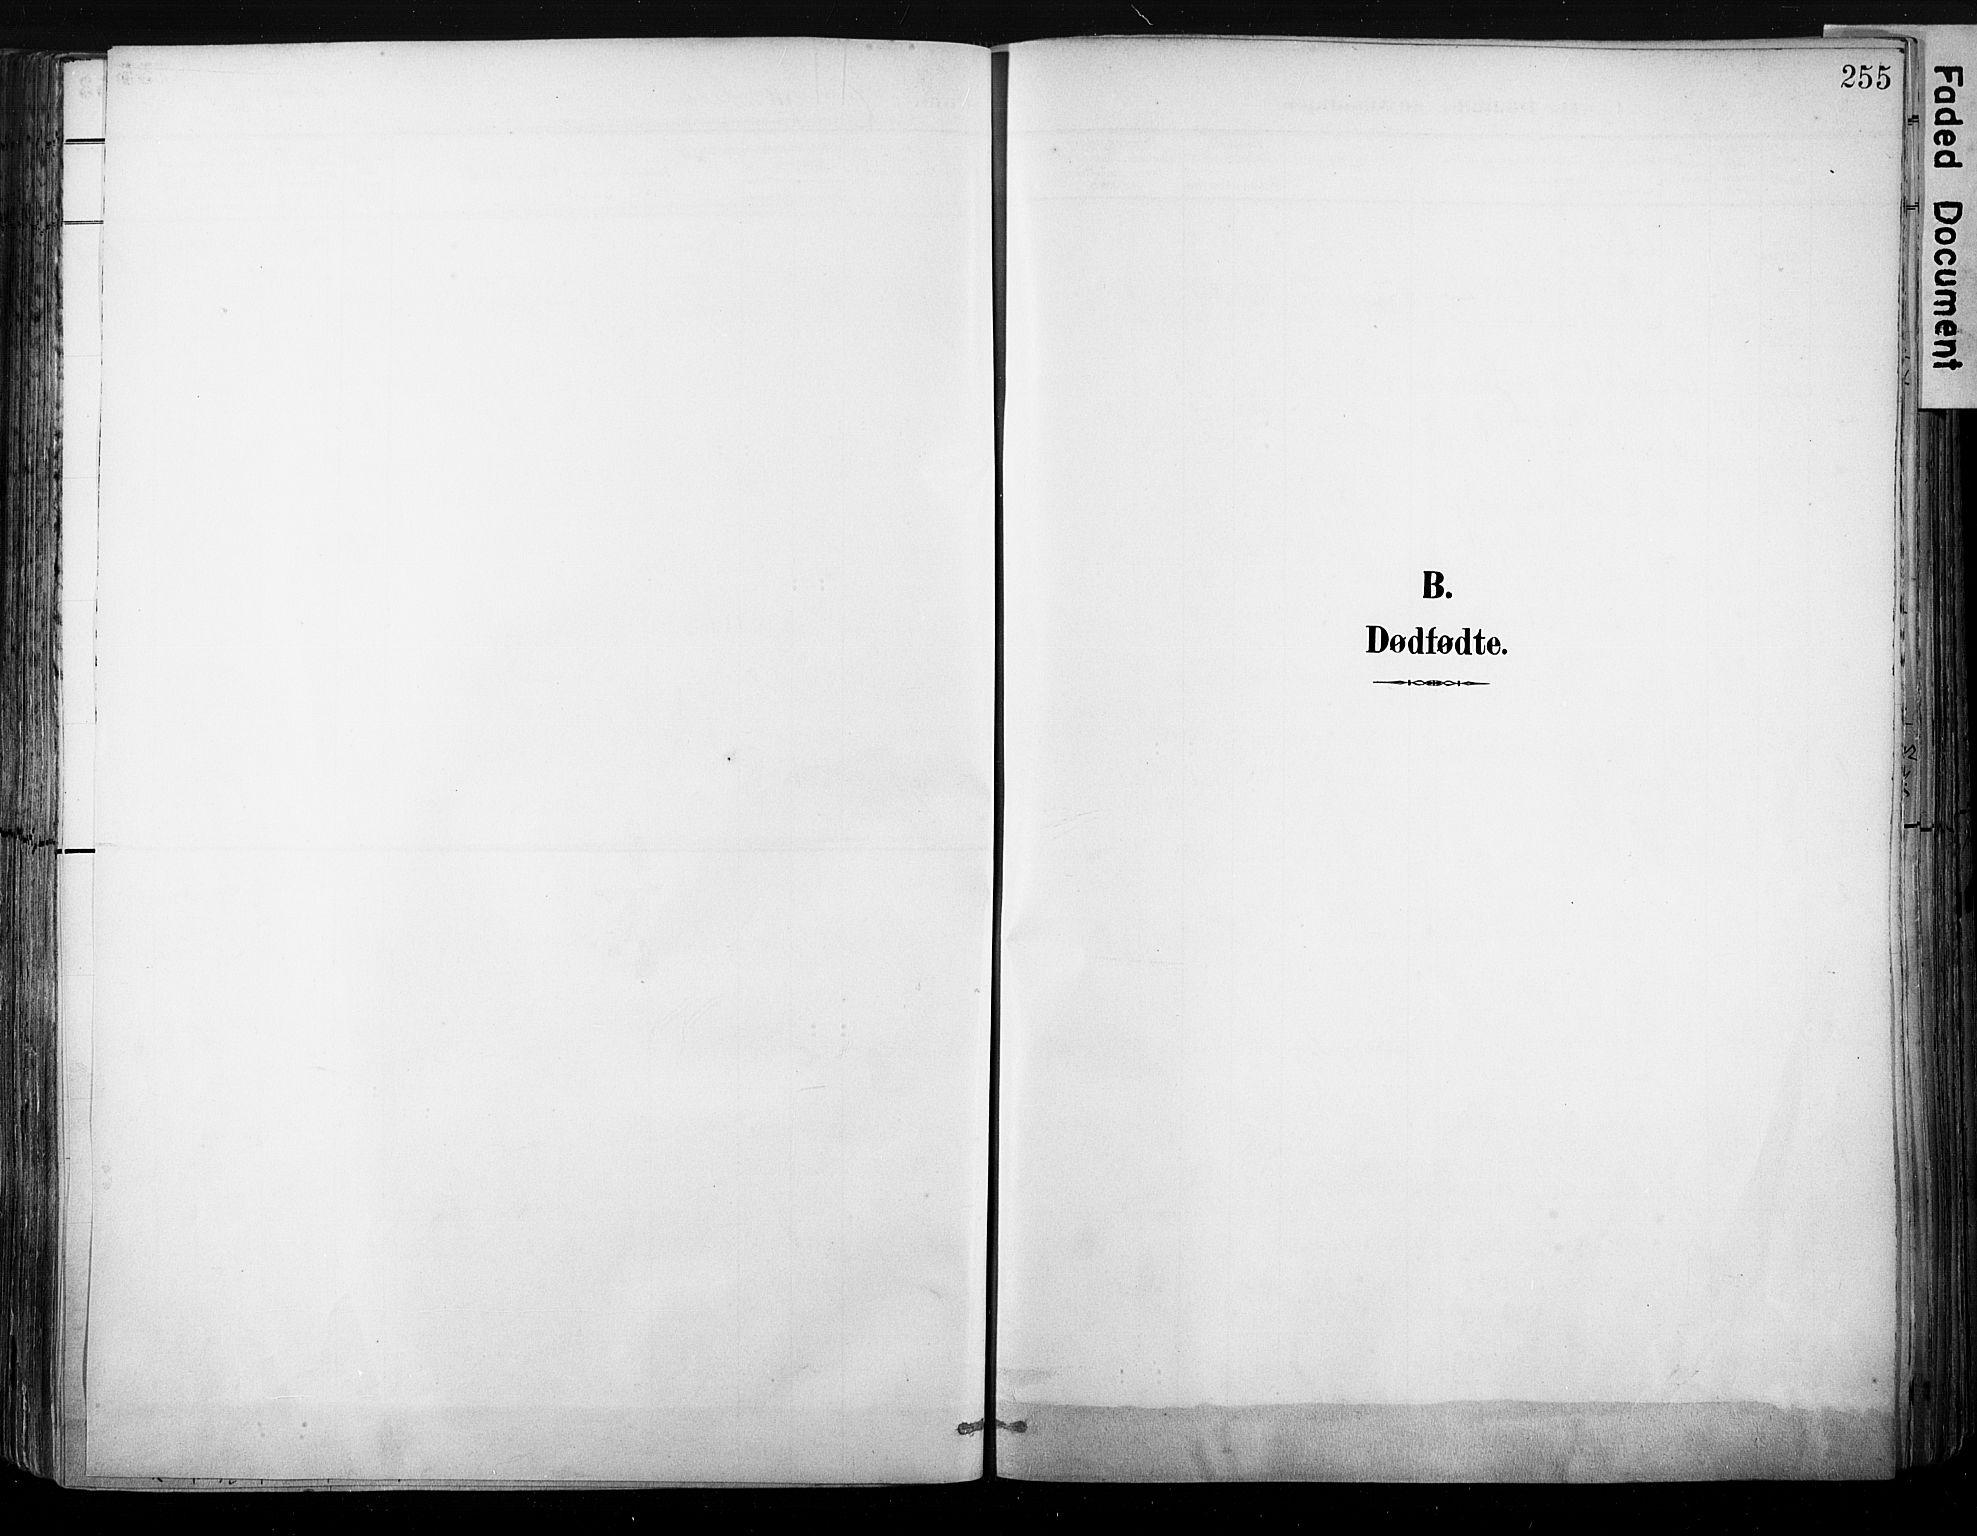 SAKO, Strømsø kirkebøker, G/Ga/L0003: Klokkerbok nr. 3, 1894-1904, s. 255